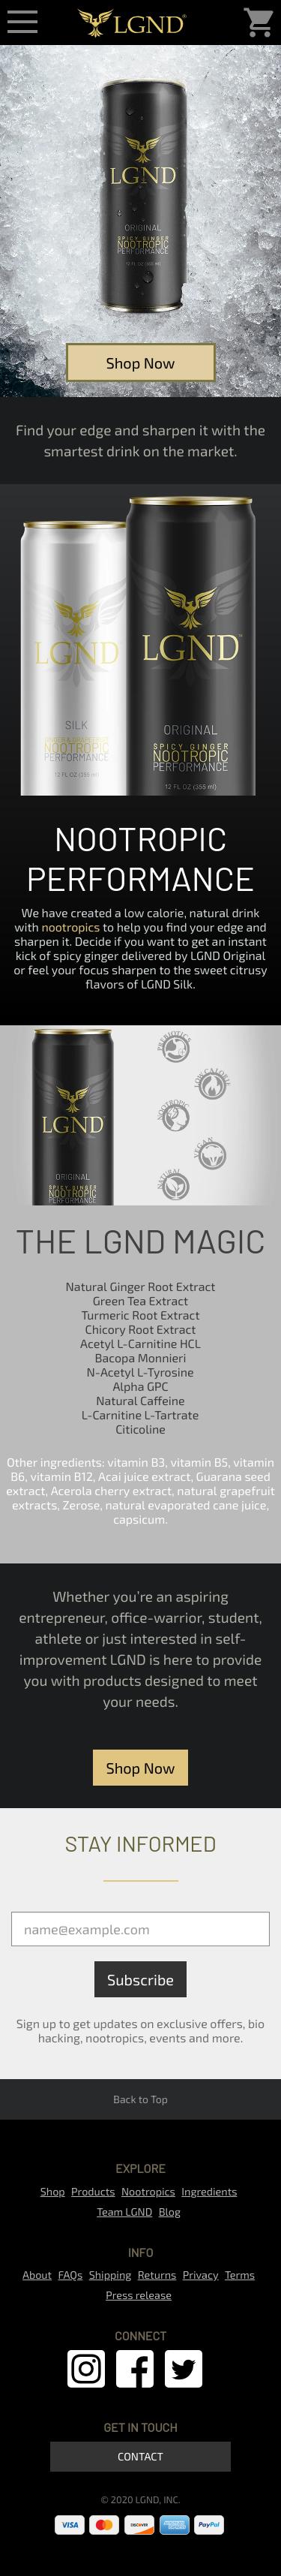 Example of Design for Food & Drink, Beverages, Mobile Landing Page by drink-lgnd.com   Mobile Landing Page Design